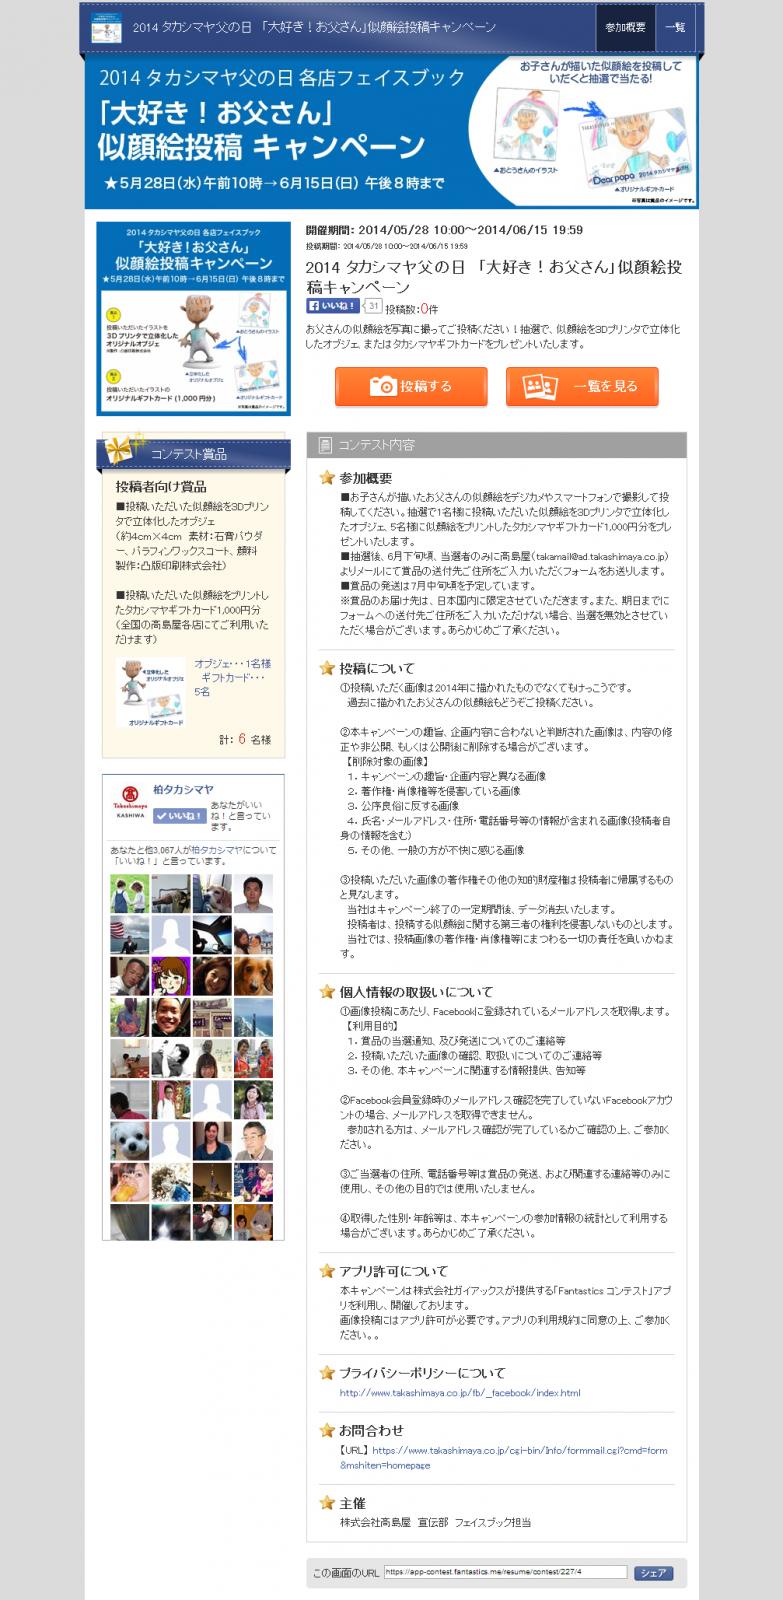 Fantastics 投稿コンテスト(株式会社高島屋様)